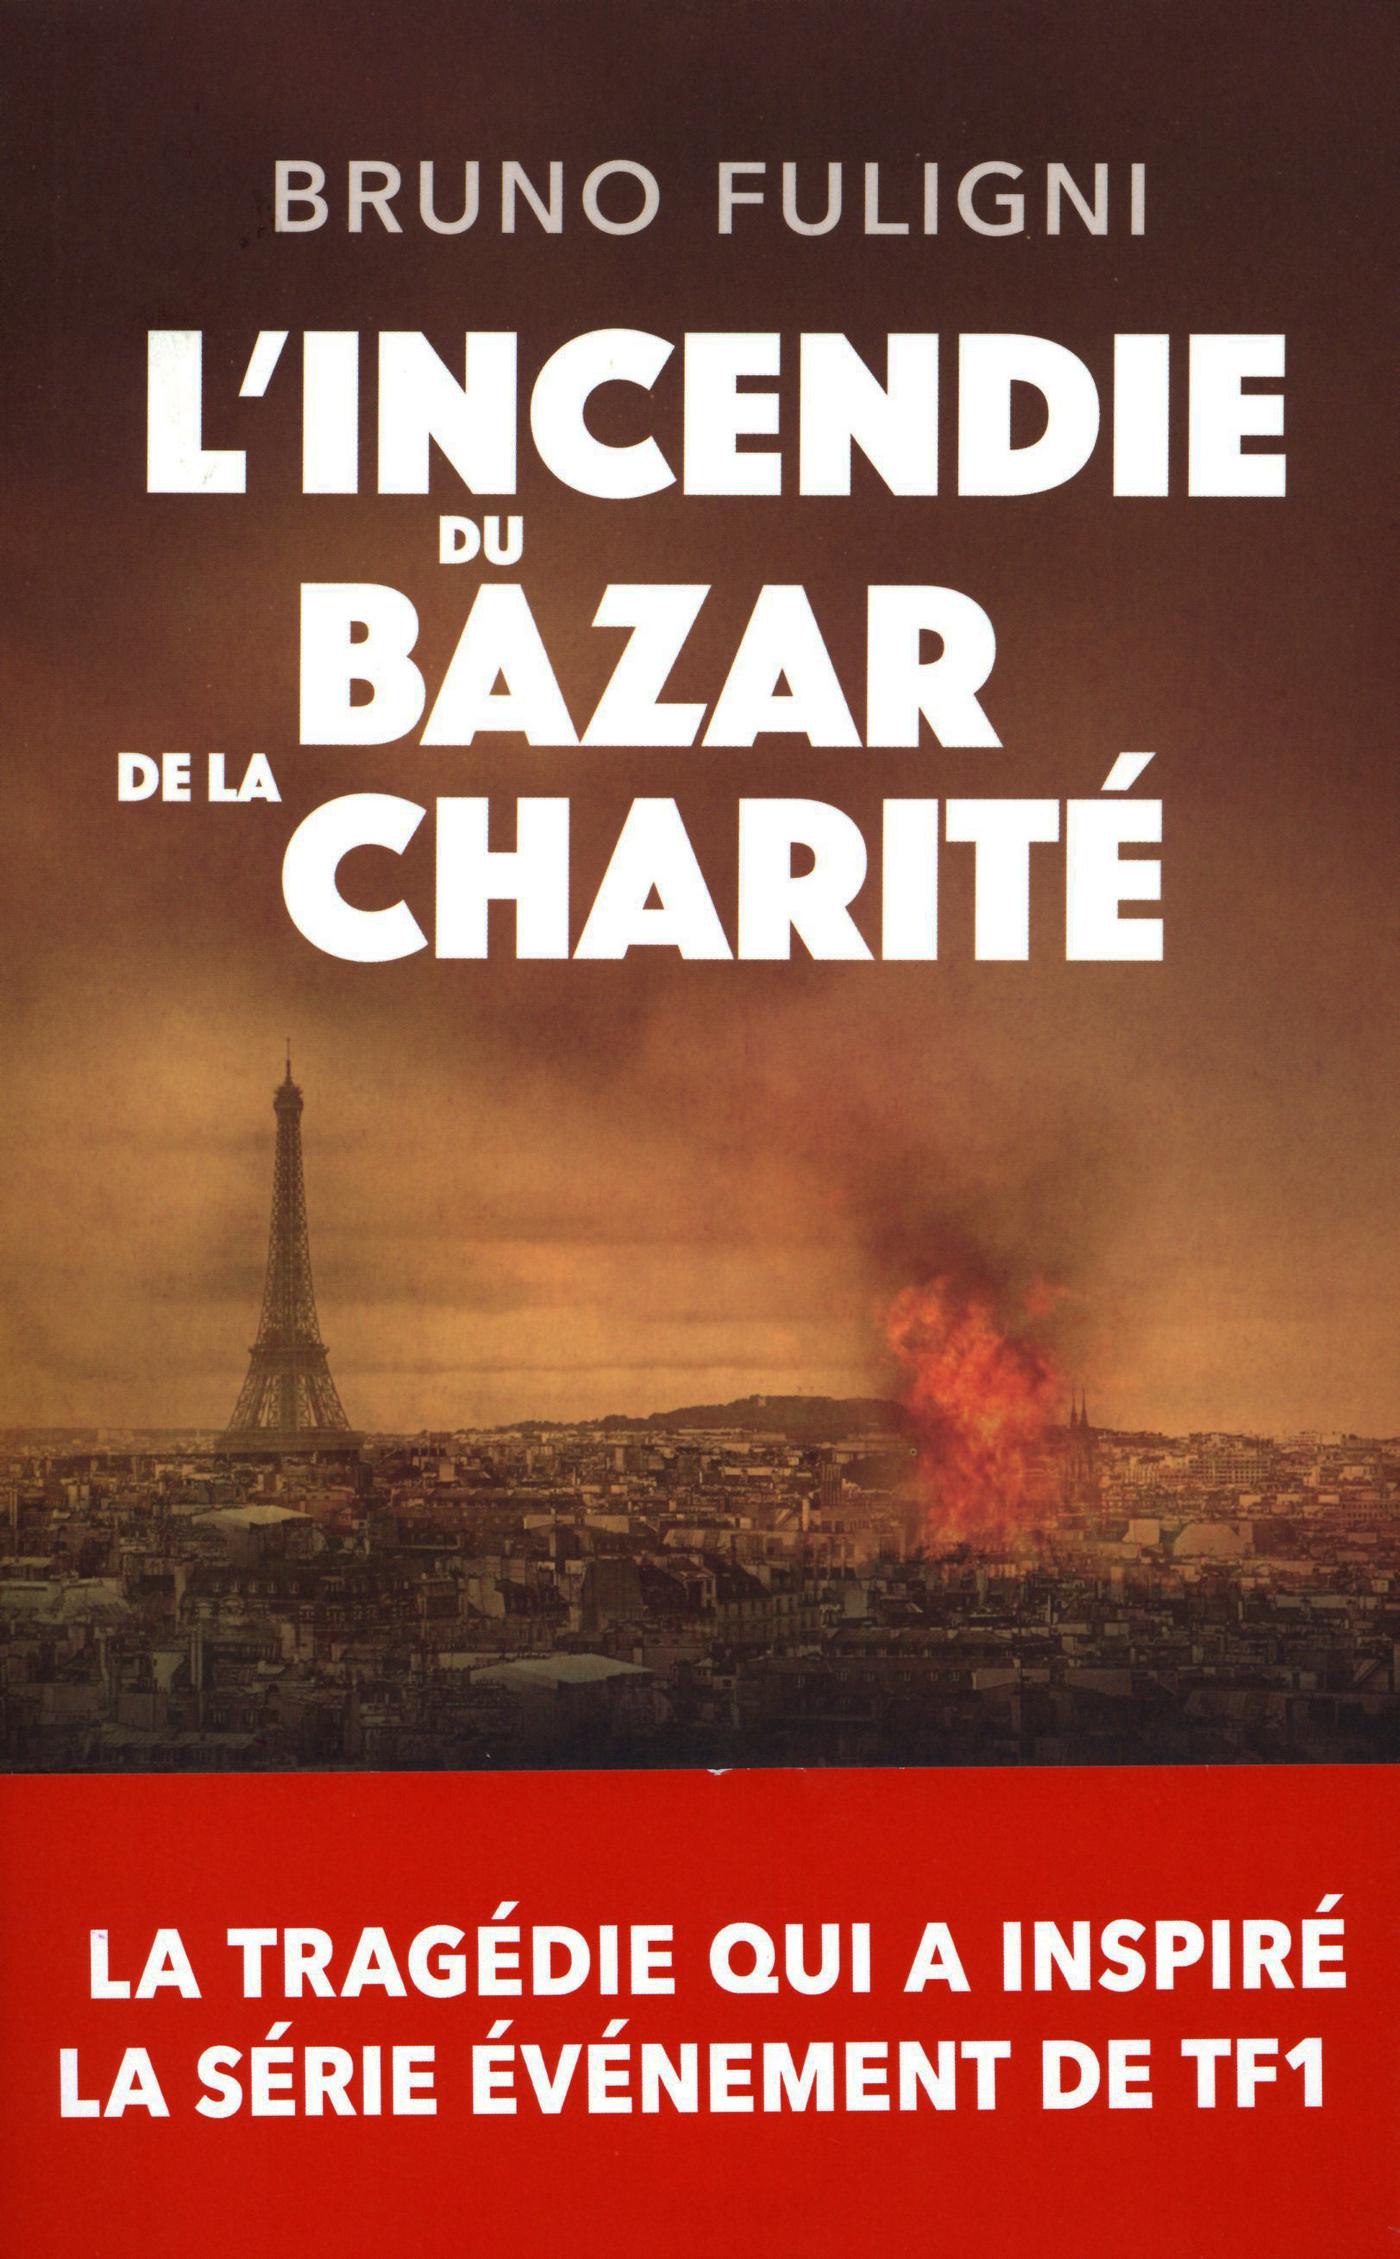 Bazar de la Charité - Wikipedia